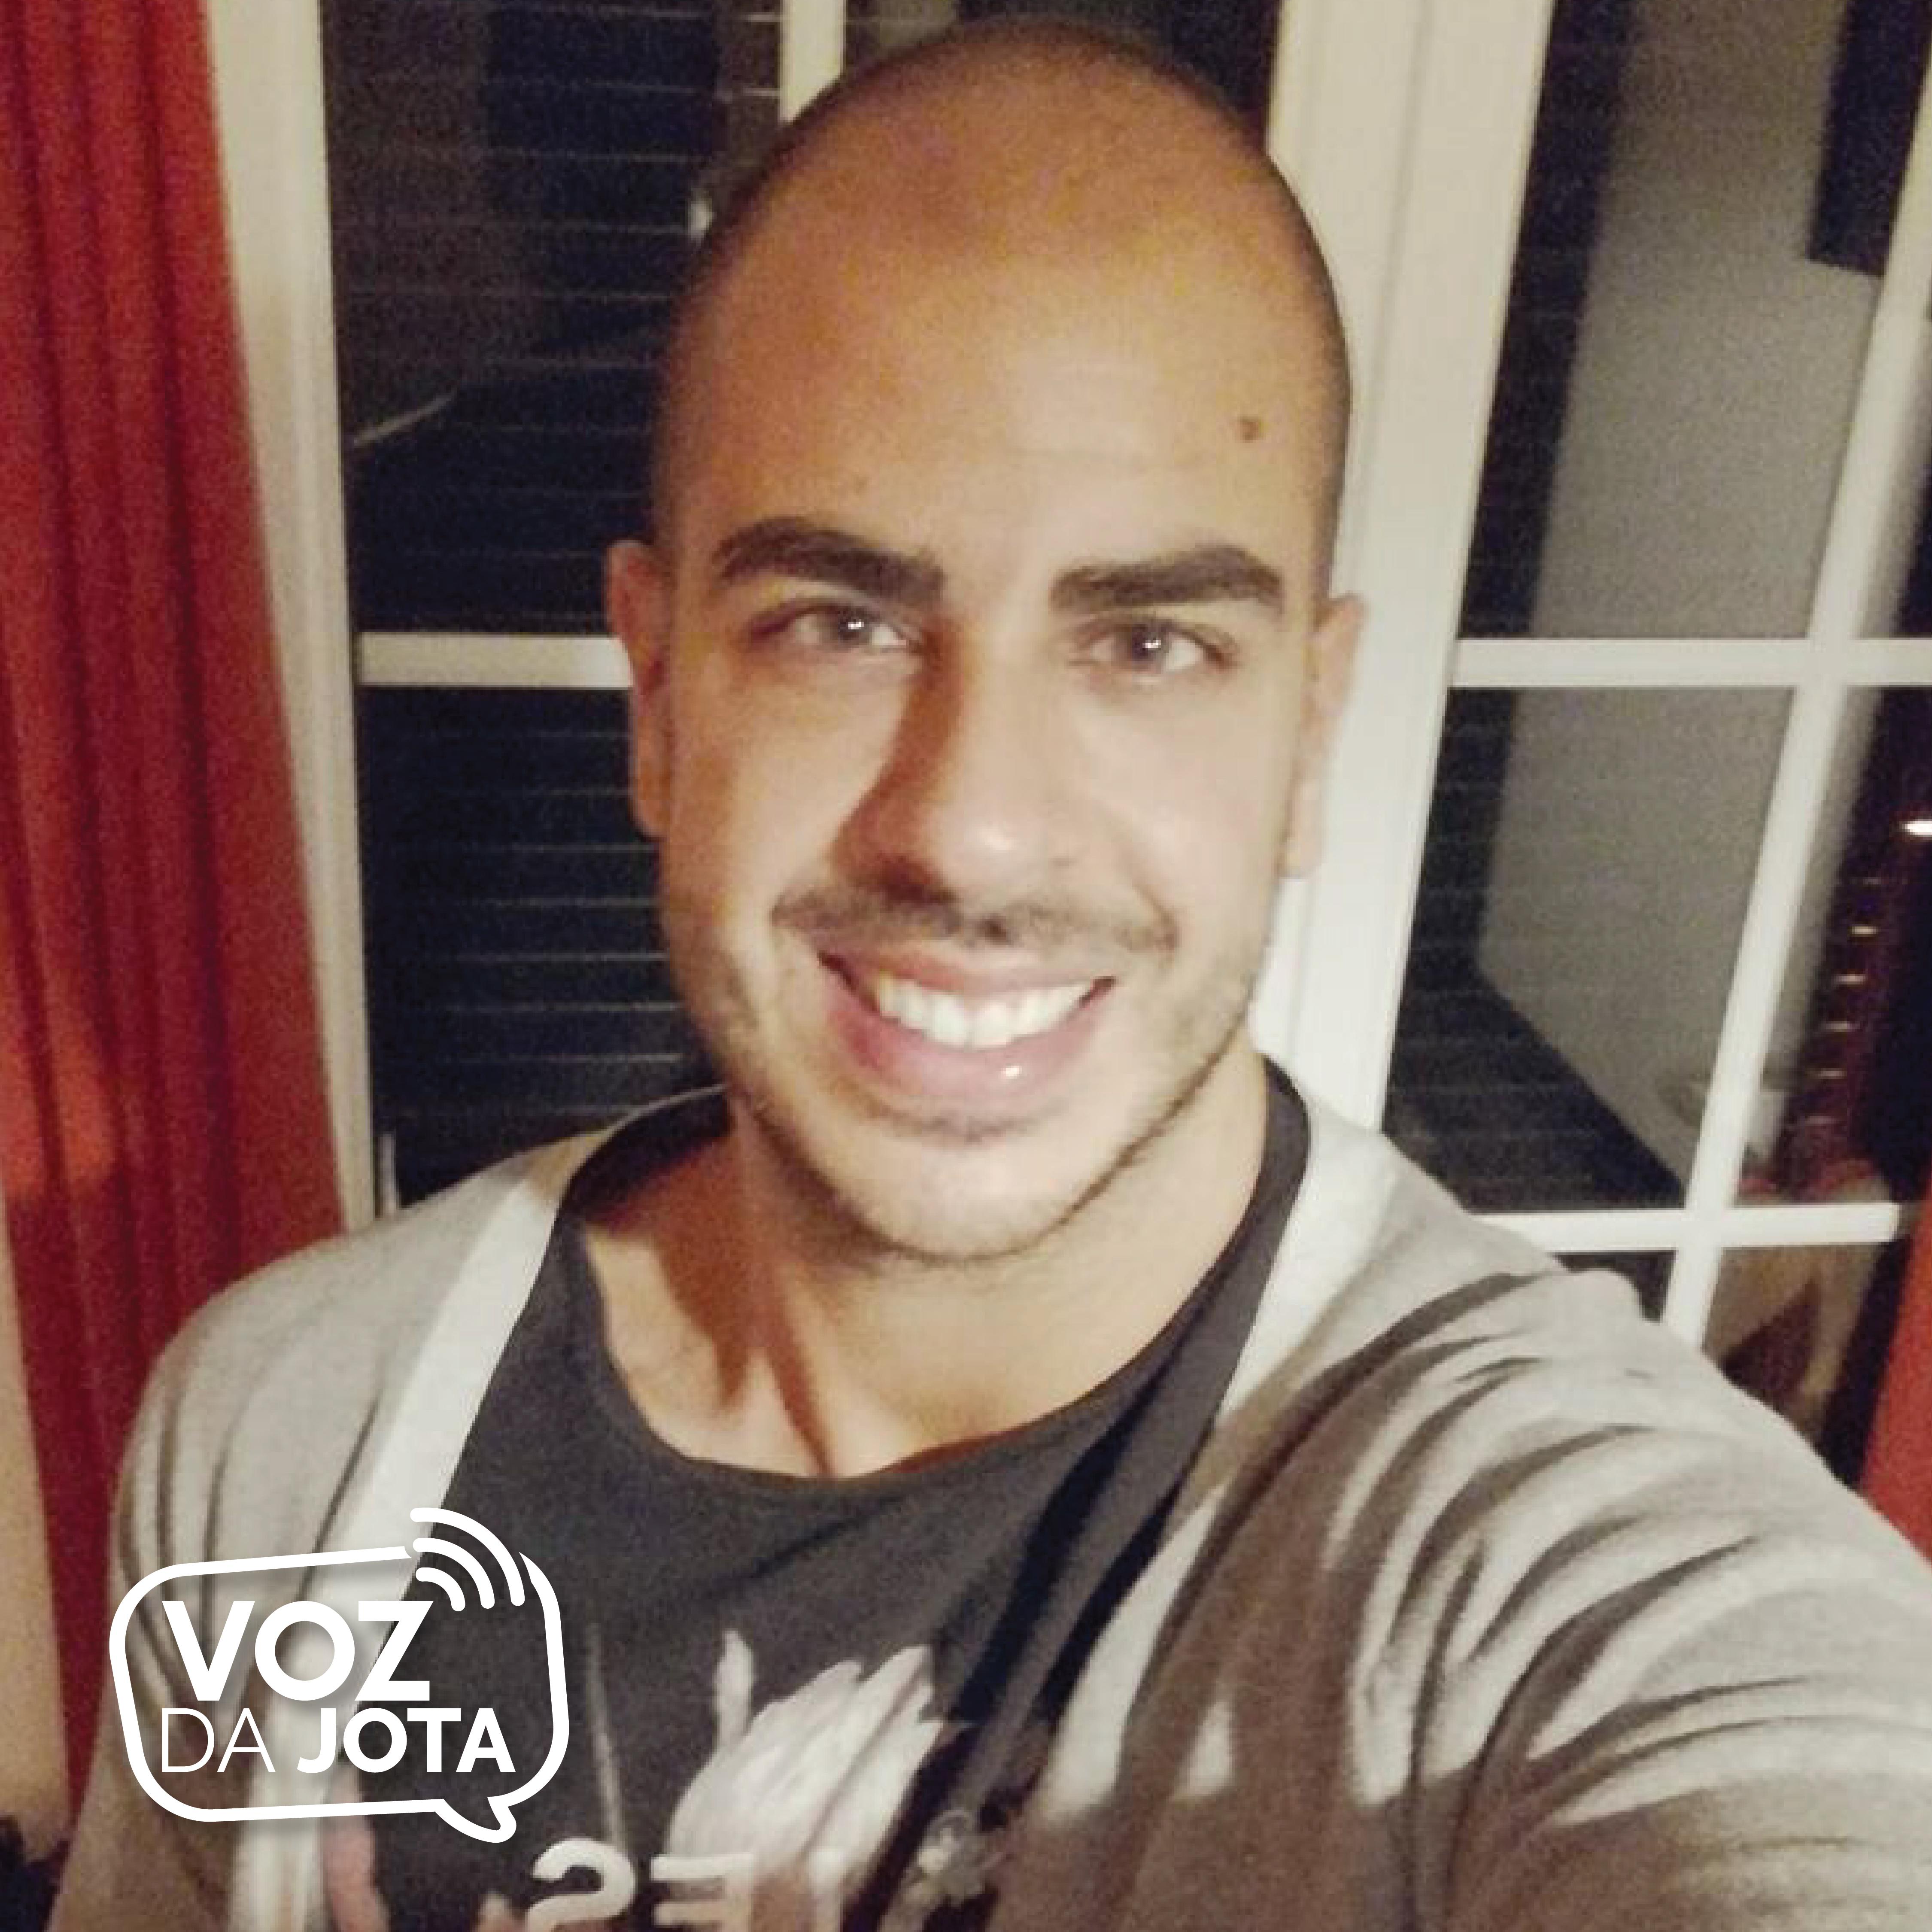 Diogo_Pestana_vozdajota_site